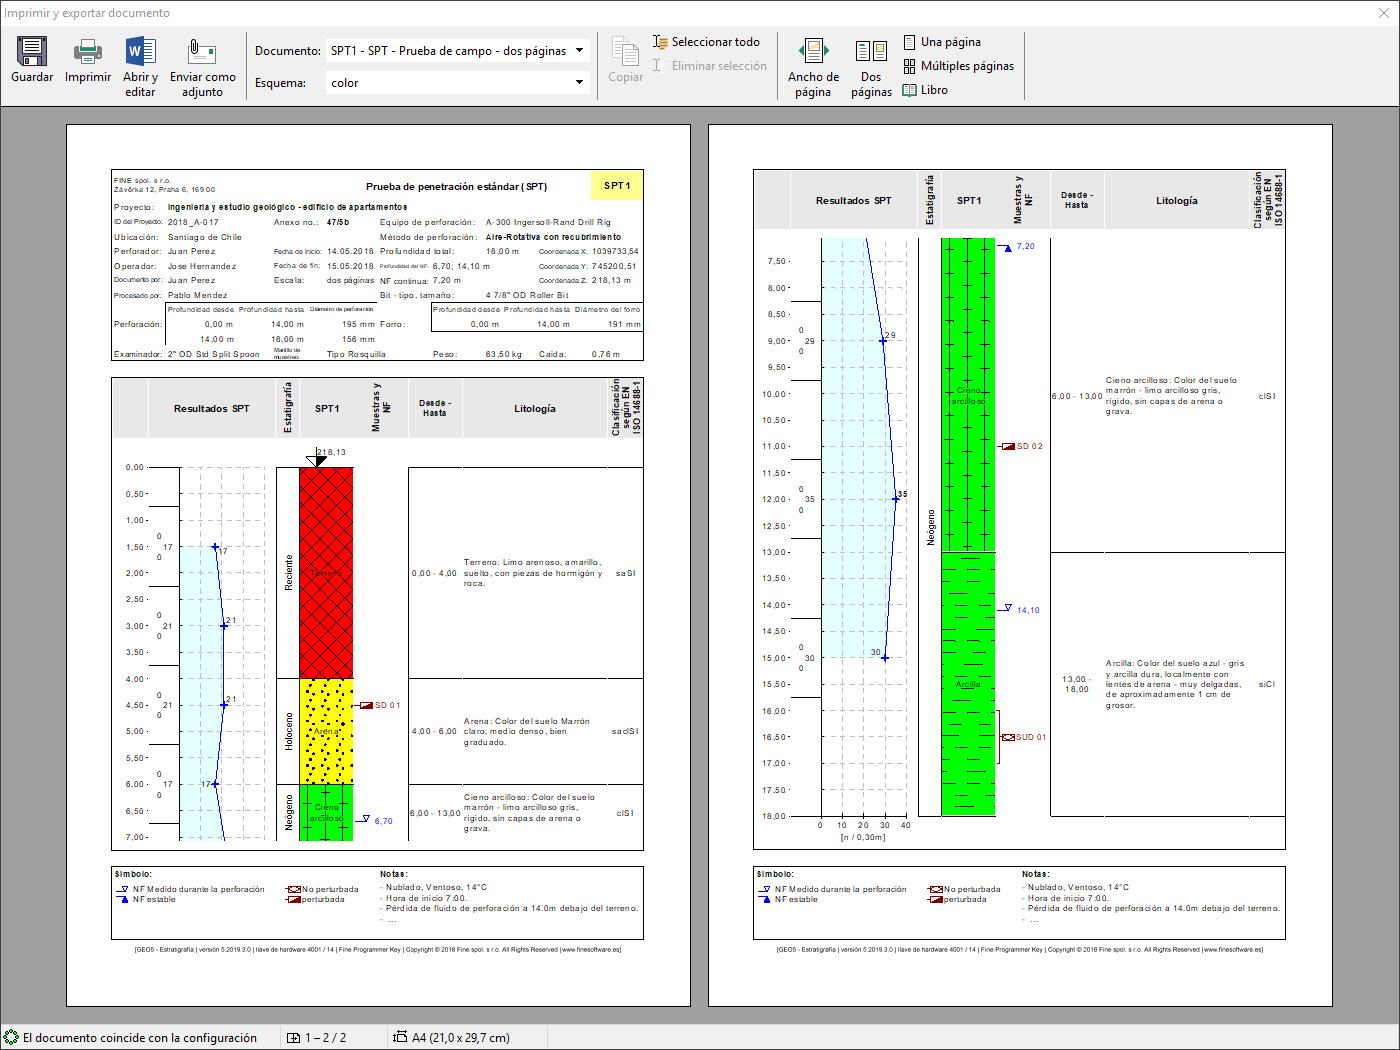 Estratigrafía – Registros : Vista previa de protocolos de salida